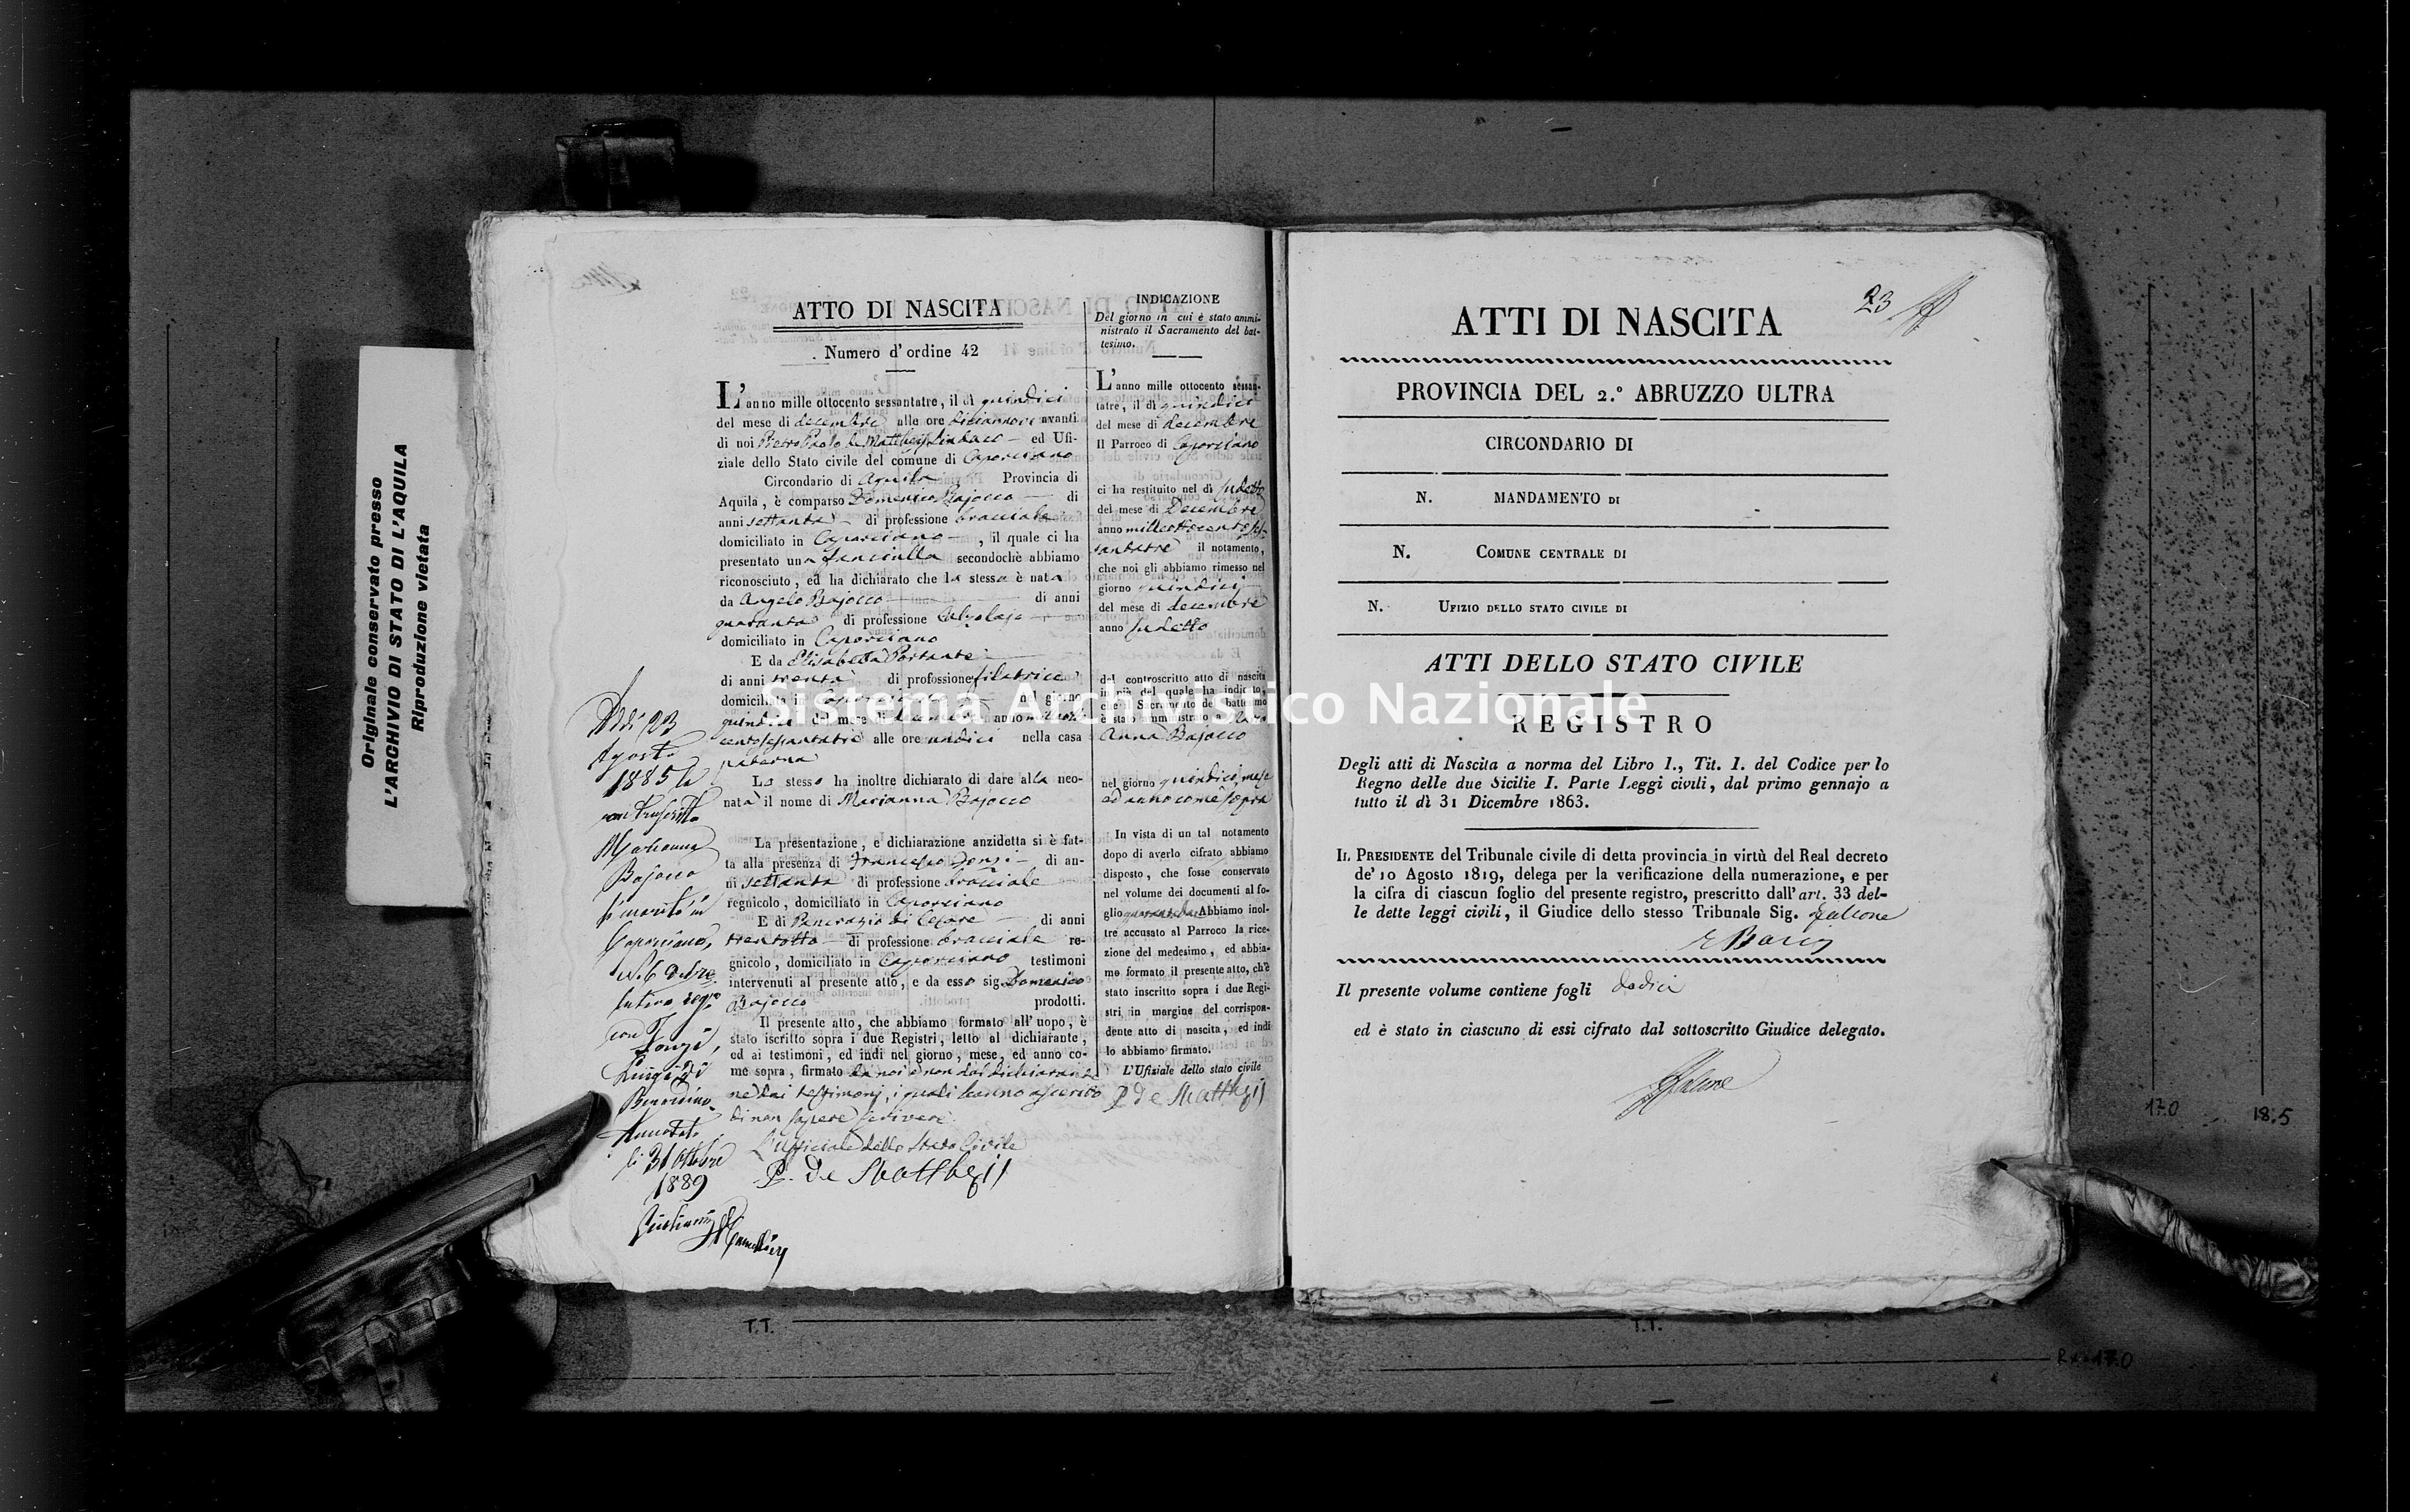 Archivio di stato di L'aquila - Stato civile italiano - Caporciano - Nati - 23/12/1863-29/12/1863 - 1207 -